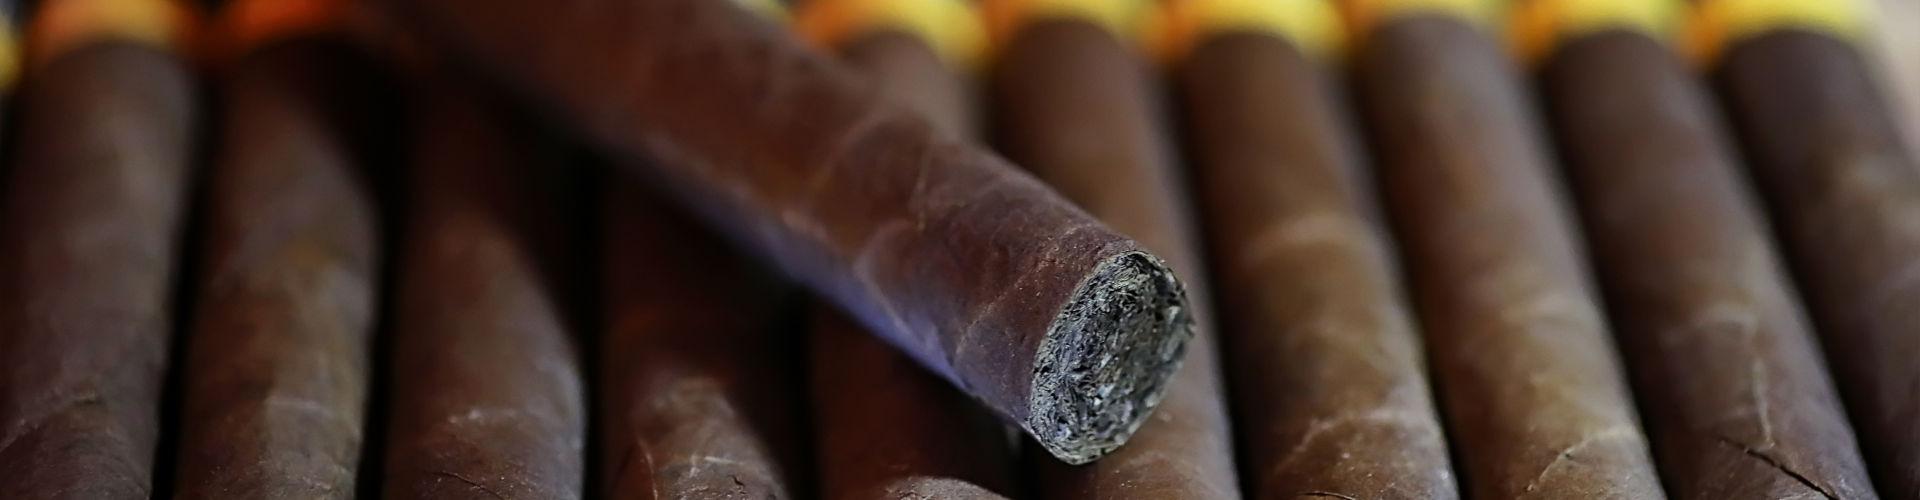 Tobacco Cigars In Box